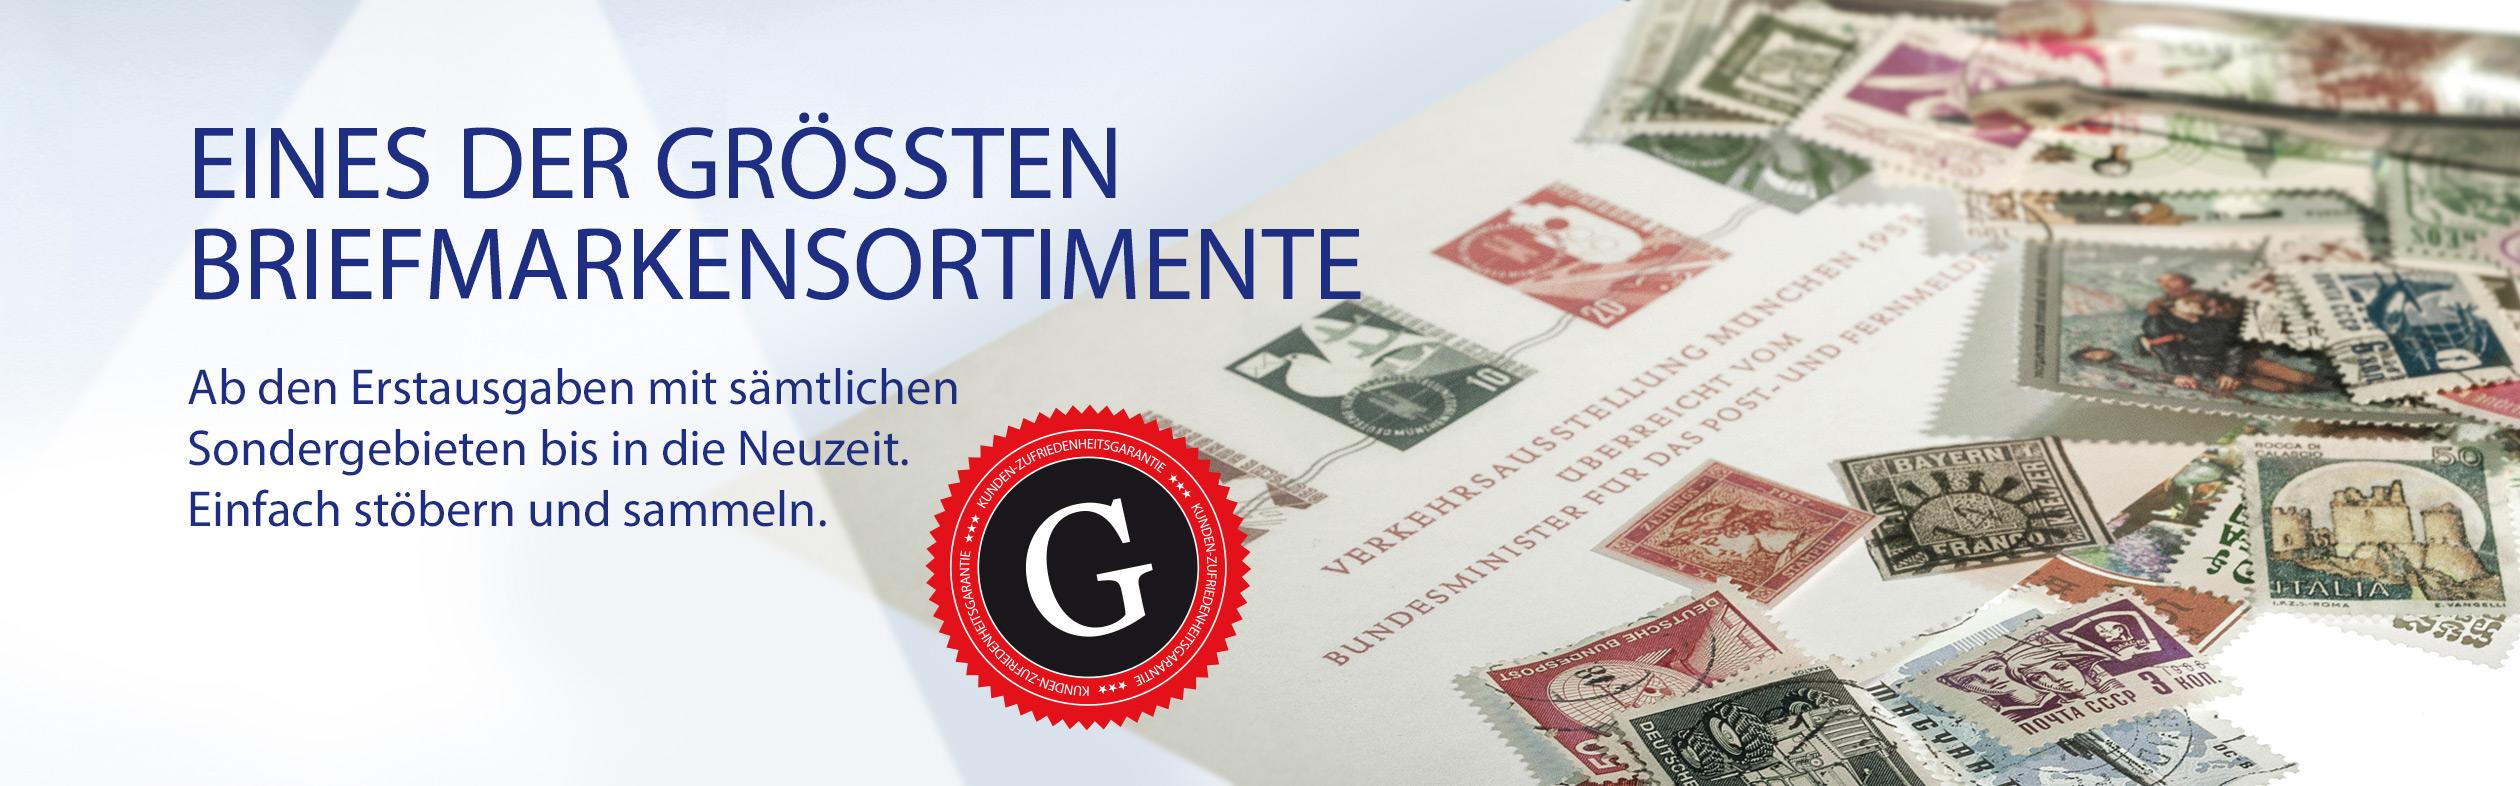 Frohe Weihnachten F303274r Kunden.Briefmarken Primus